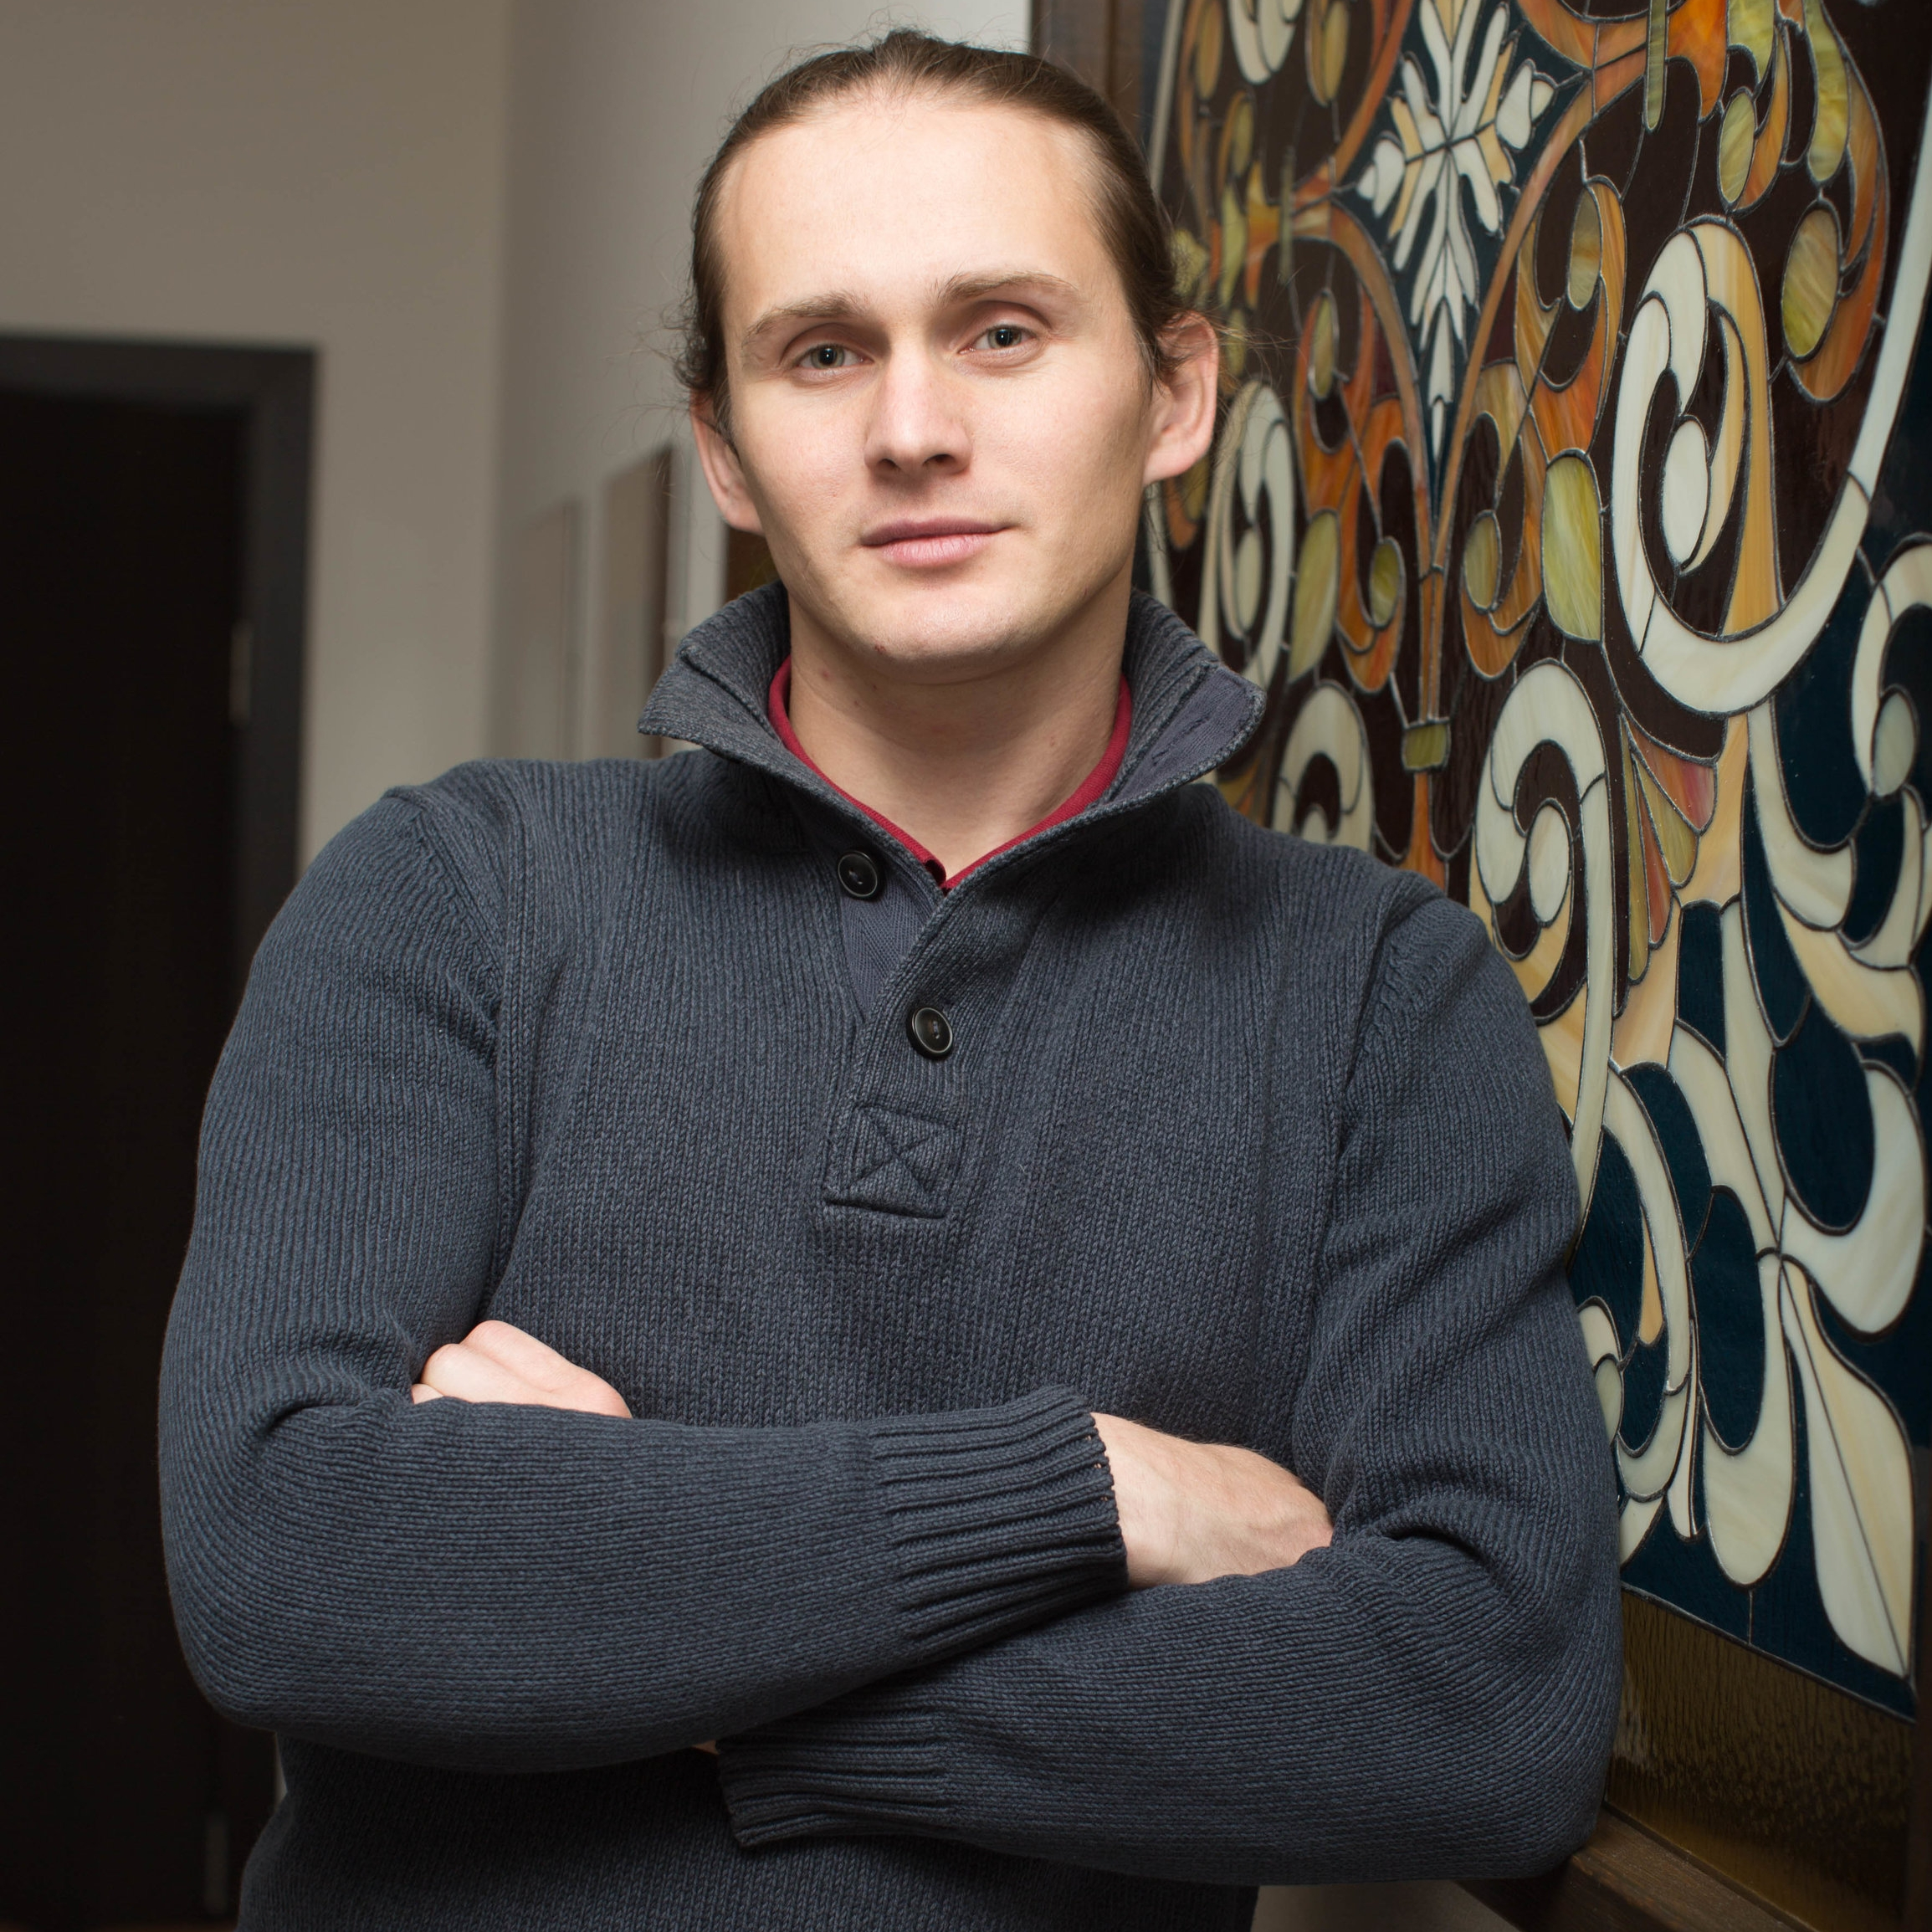 Семен Кудрин, дипломированный специалист традиционного массажа в нашем центре